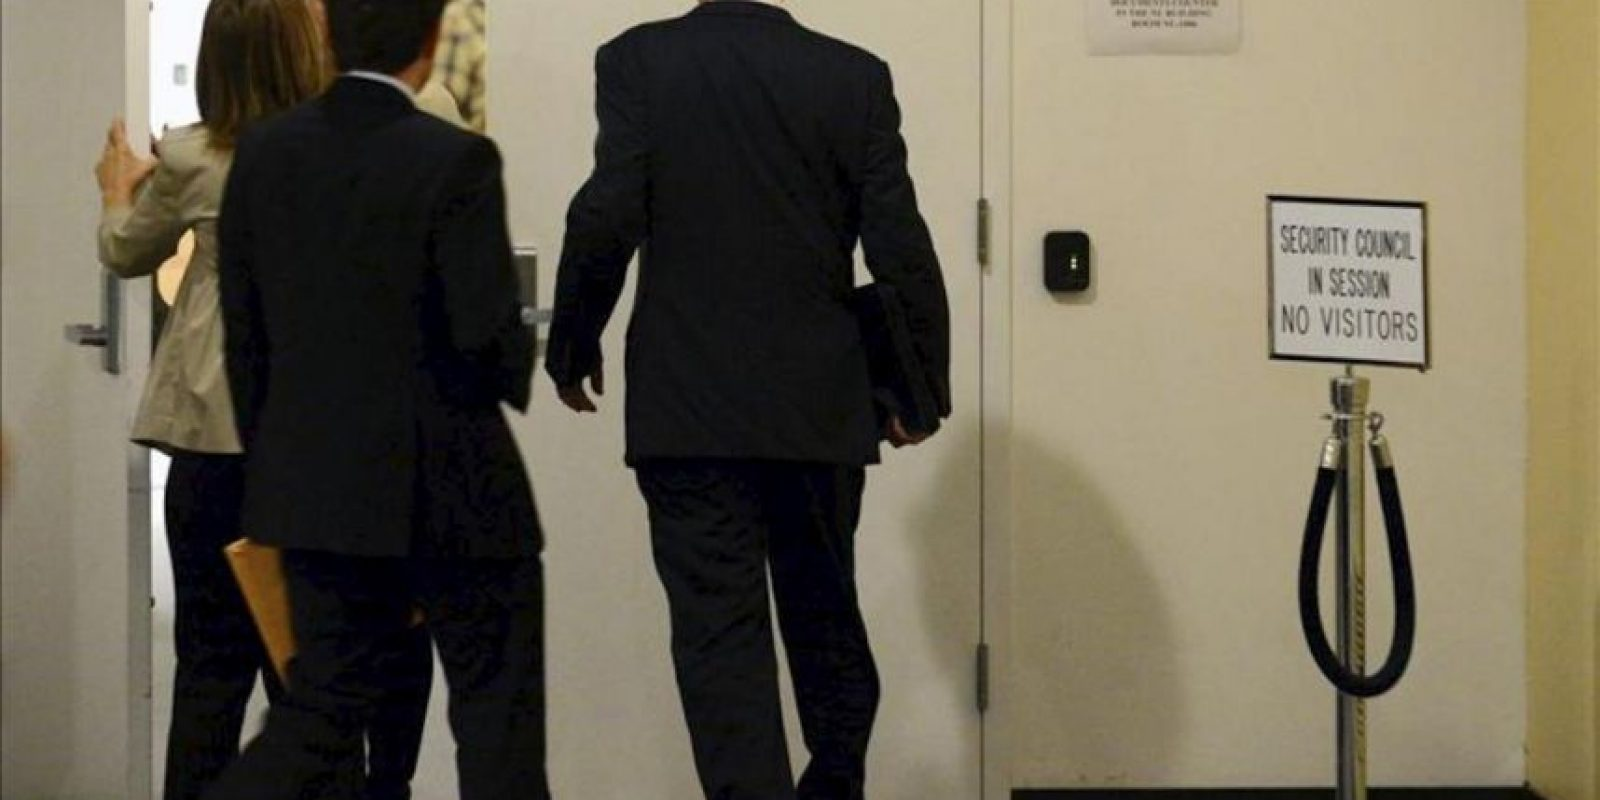 El embajador de Rusia ante la ONU, Vitaly Churkin, (d), llega a la reunión del Consejo de Seguridad de la ONU en la sede de la ONU en Nueva York, Estados Unidos, hoy, miércoles, 30 de mayo. EFE